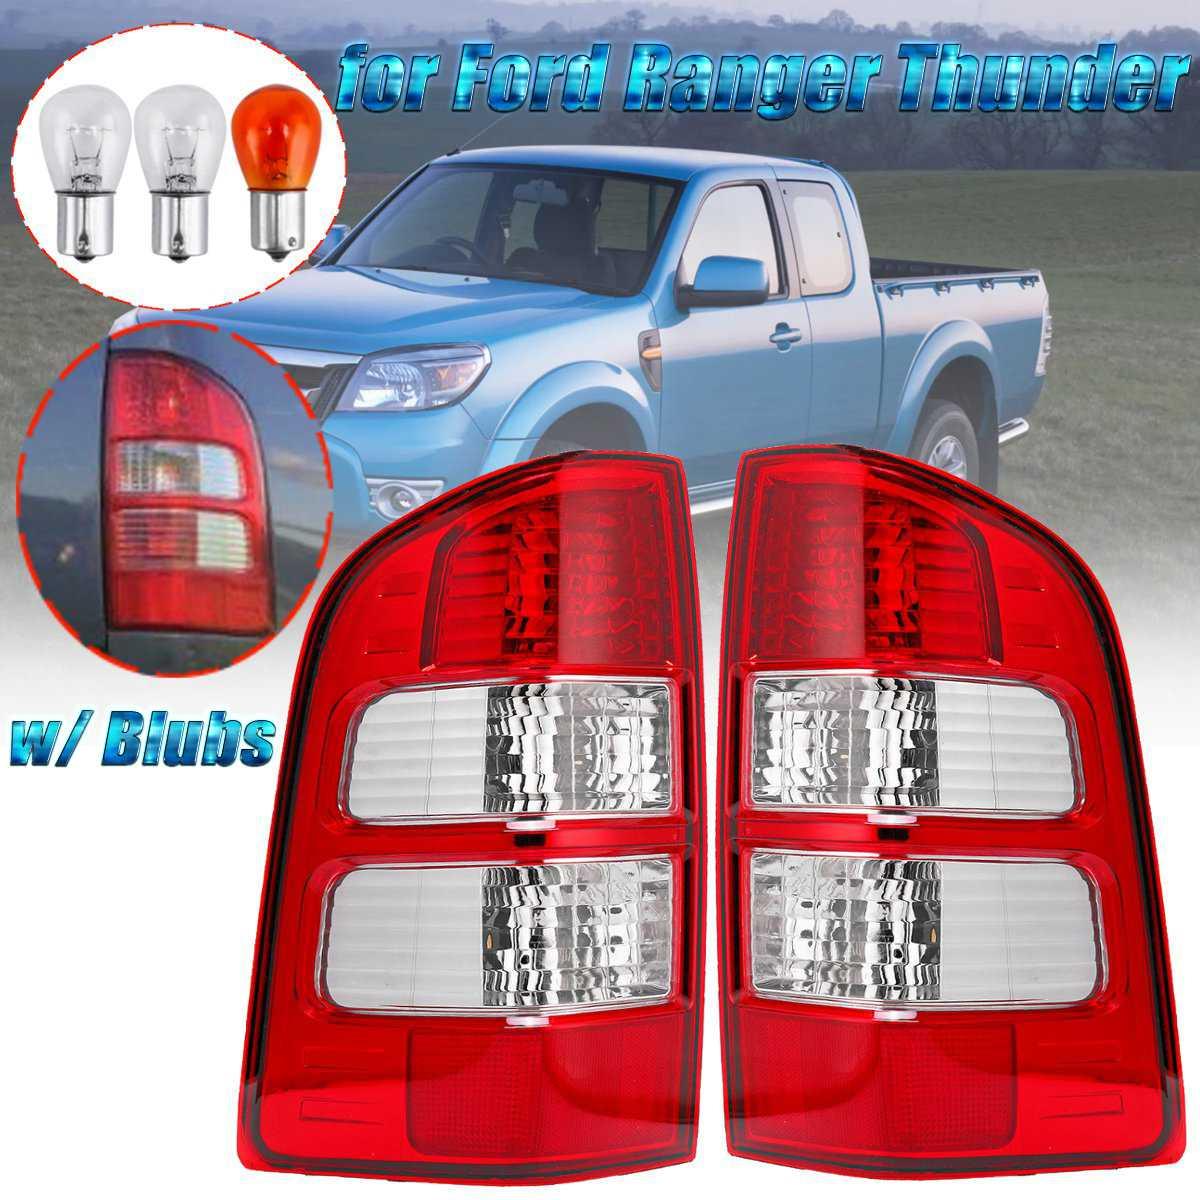 Per Ford Ranger Thunder Camion Pick-Up 2006 2007-2011 1 paia di Coda Posteriore Luce Freno Lato Destro e Sinistro Della Lampada fanale posteriore Con La Lampadina